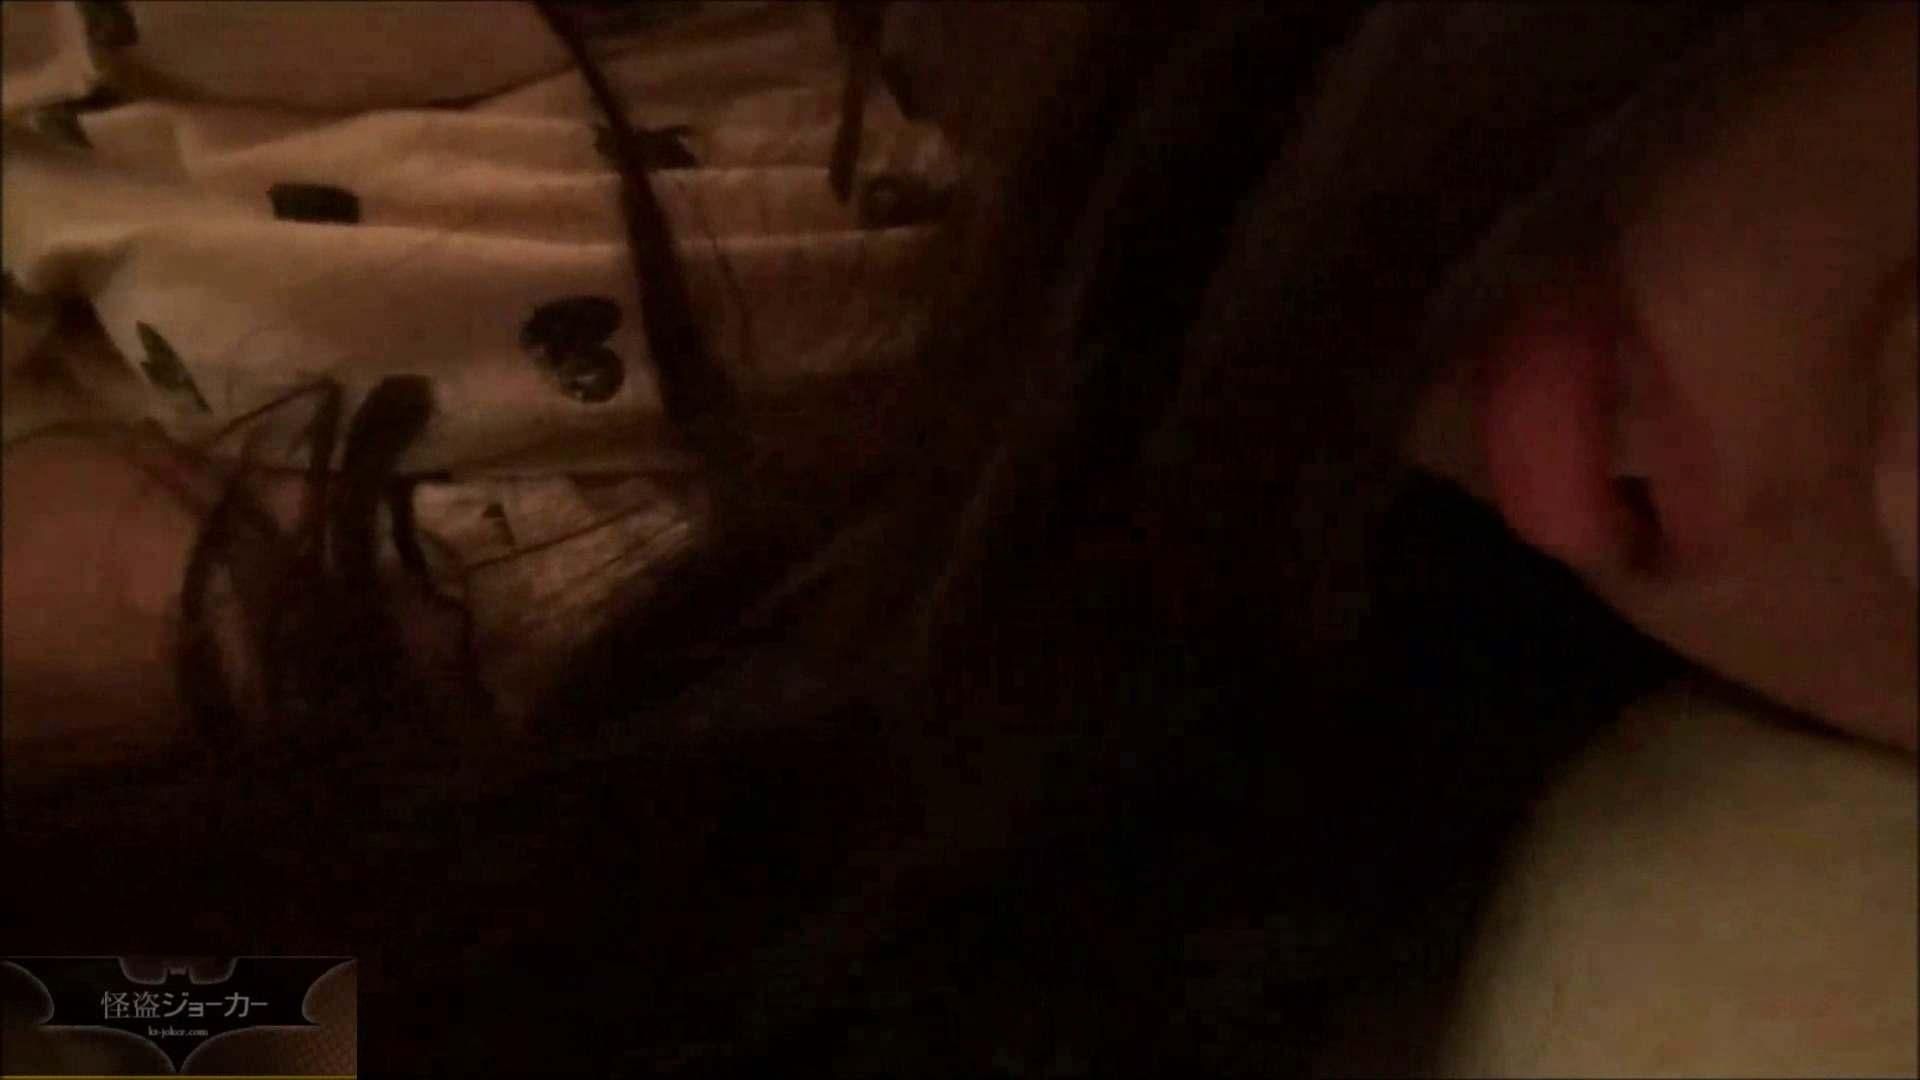 【未公開】vol.18 ●女末が避妊具も付けず、肉体で繋がる時・・・。 OLハメ撮り  80Pix 29